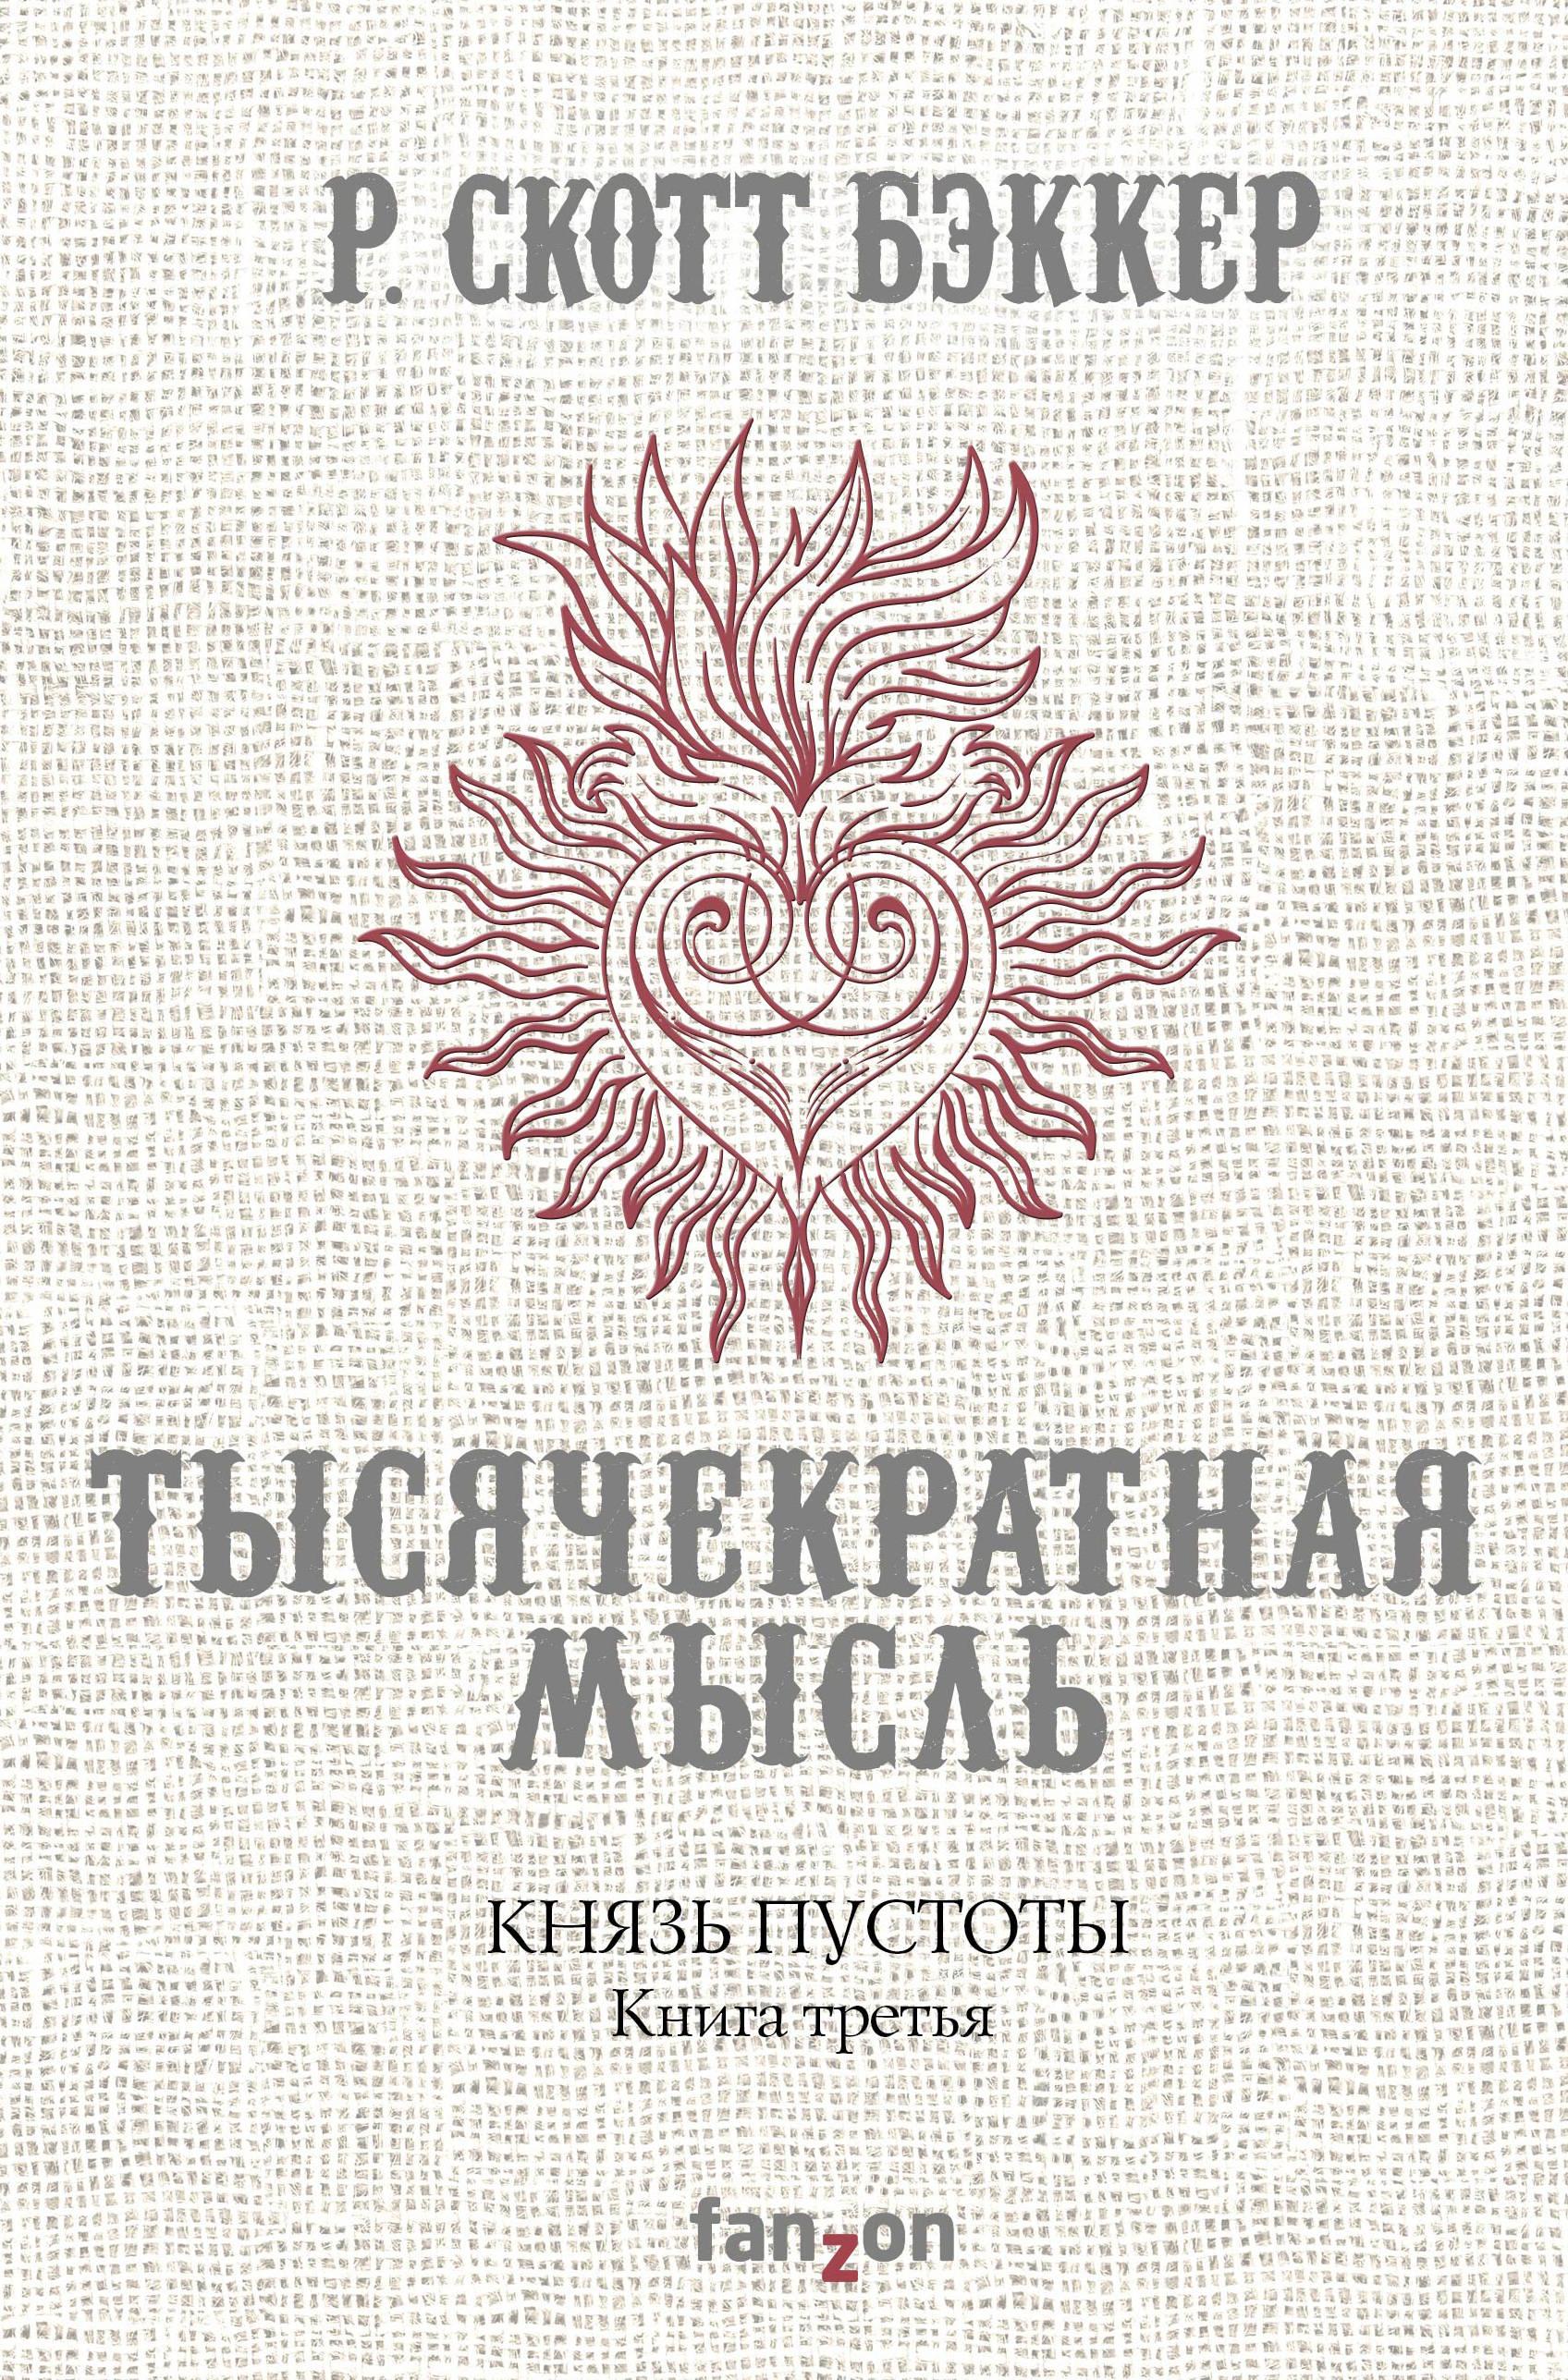 Р. Скотт Бэккер Князь Пустоты. Книга третья. Тысячекратная Мысль